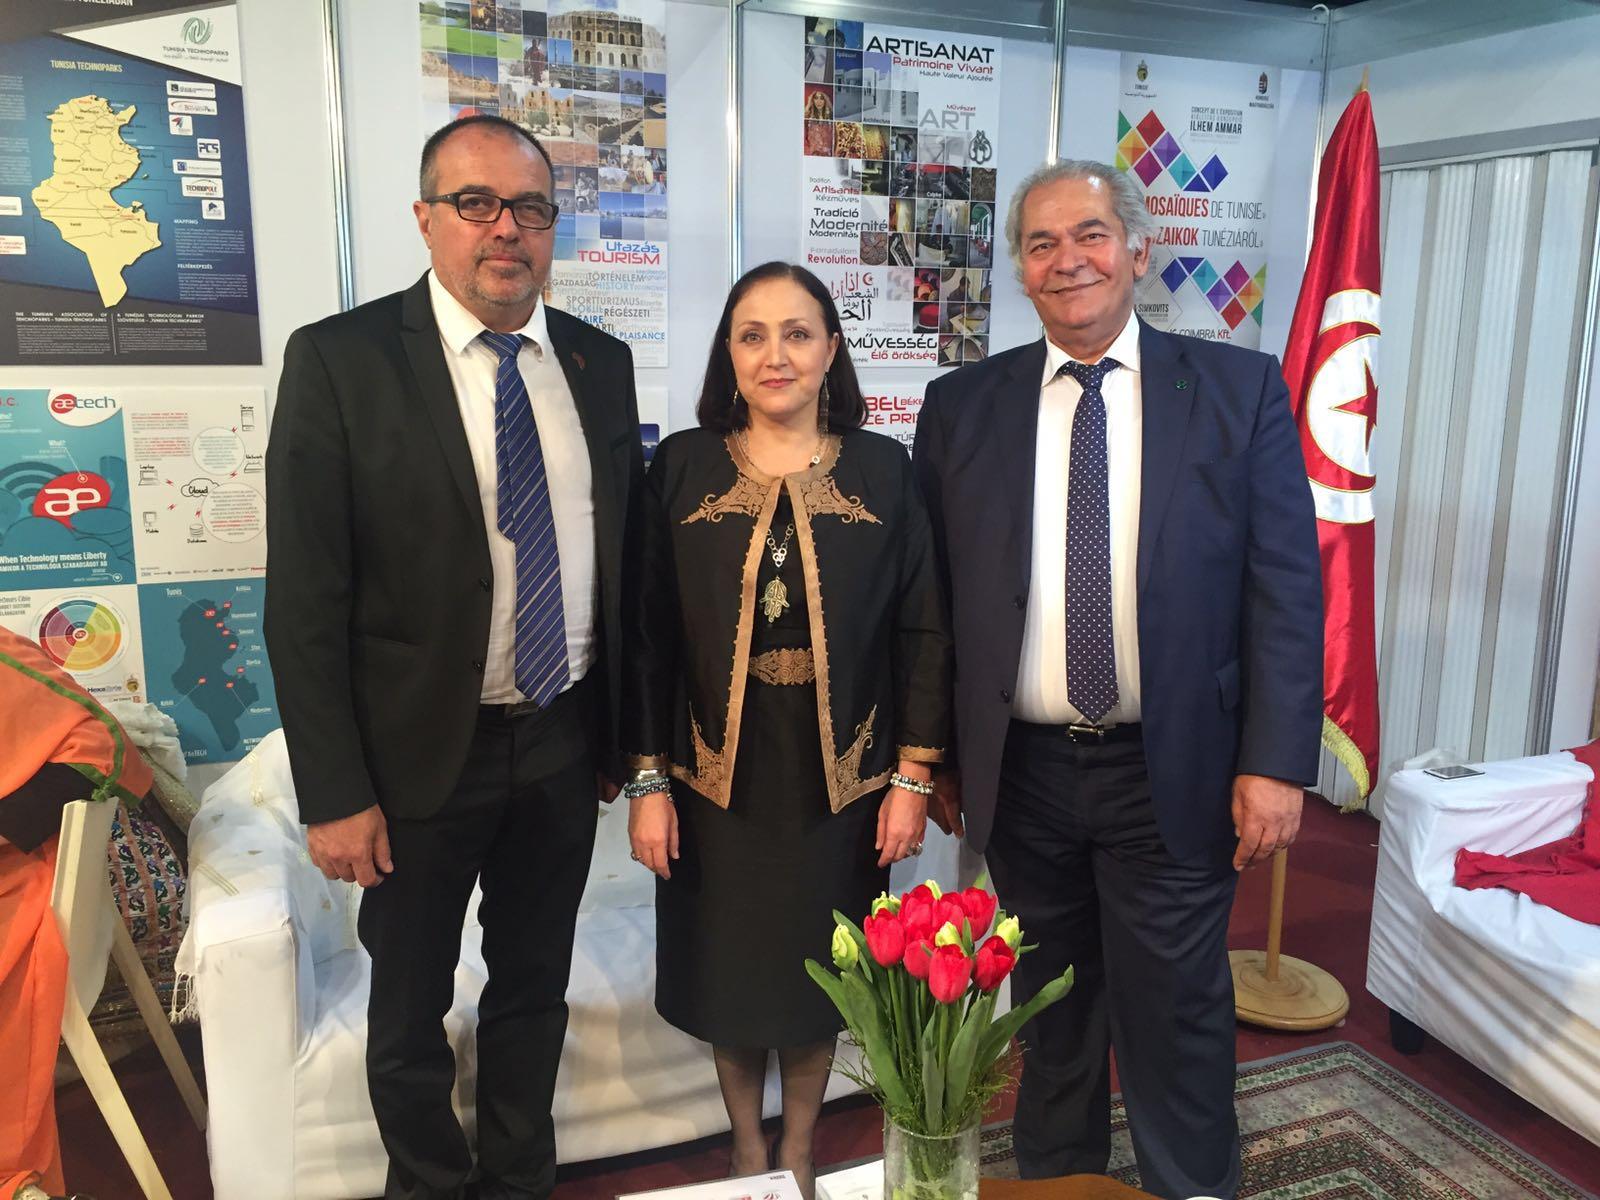 Balogh Sándor, Samia Ilhem Amar nagykövet asszony és Zoubeir Chaieb, a CATH, a társelnöke.